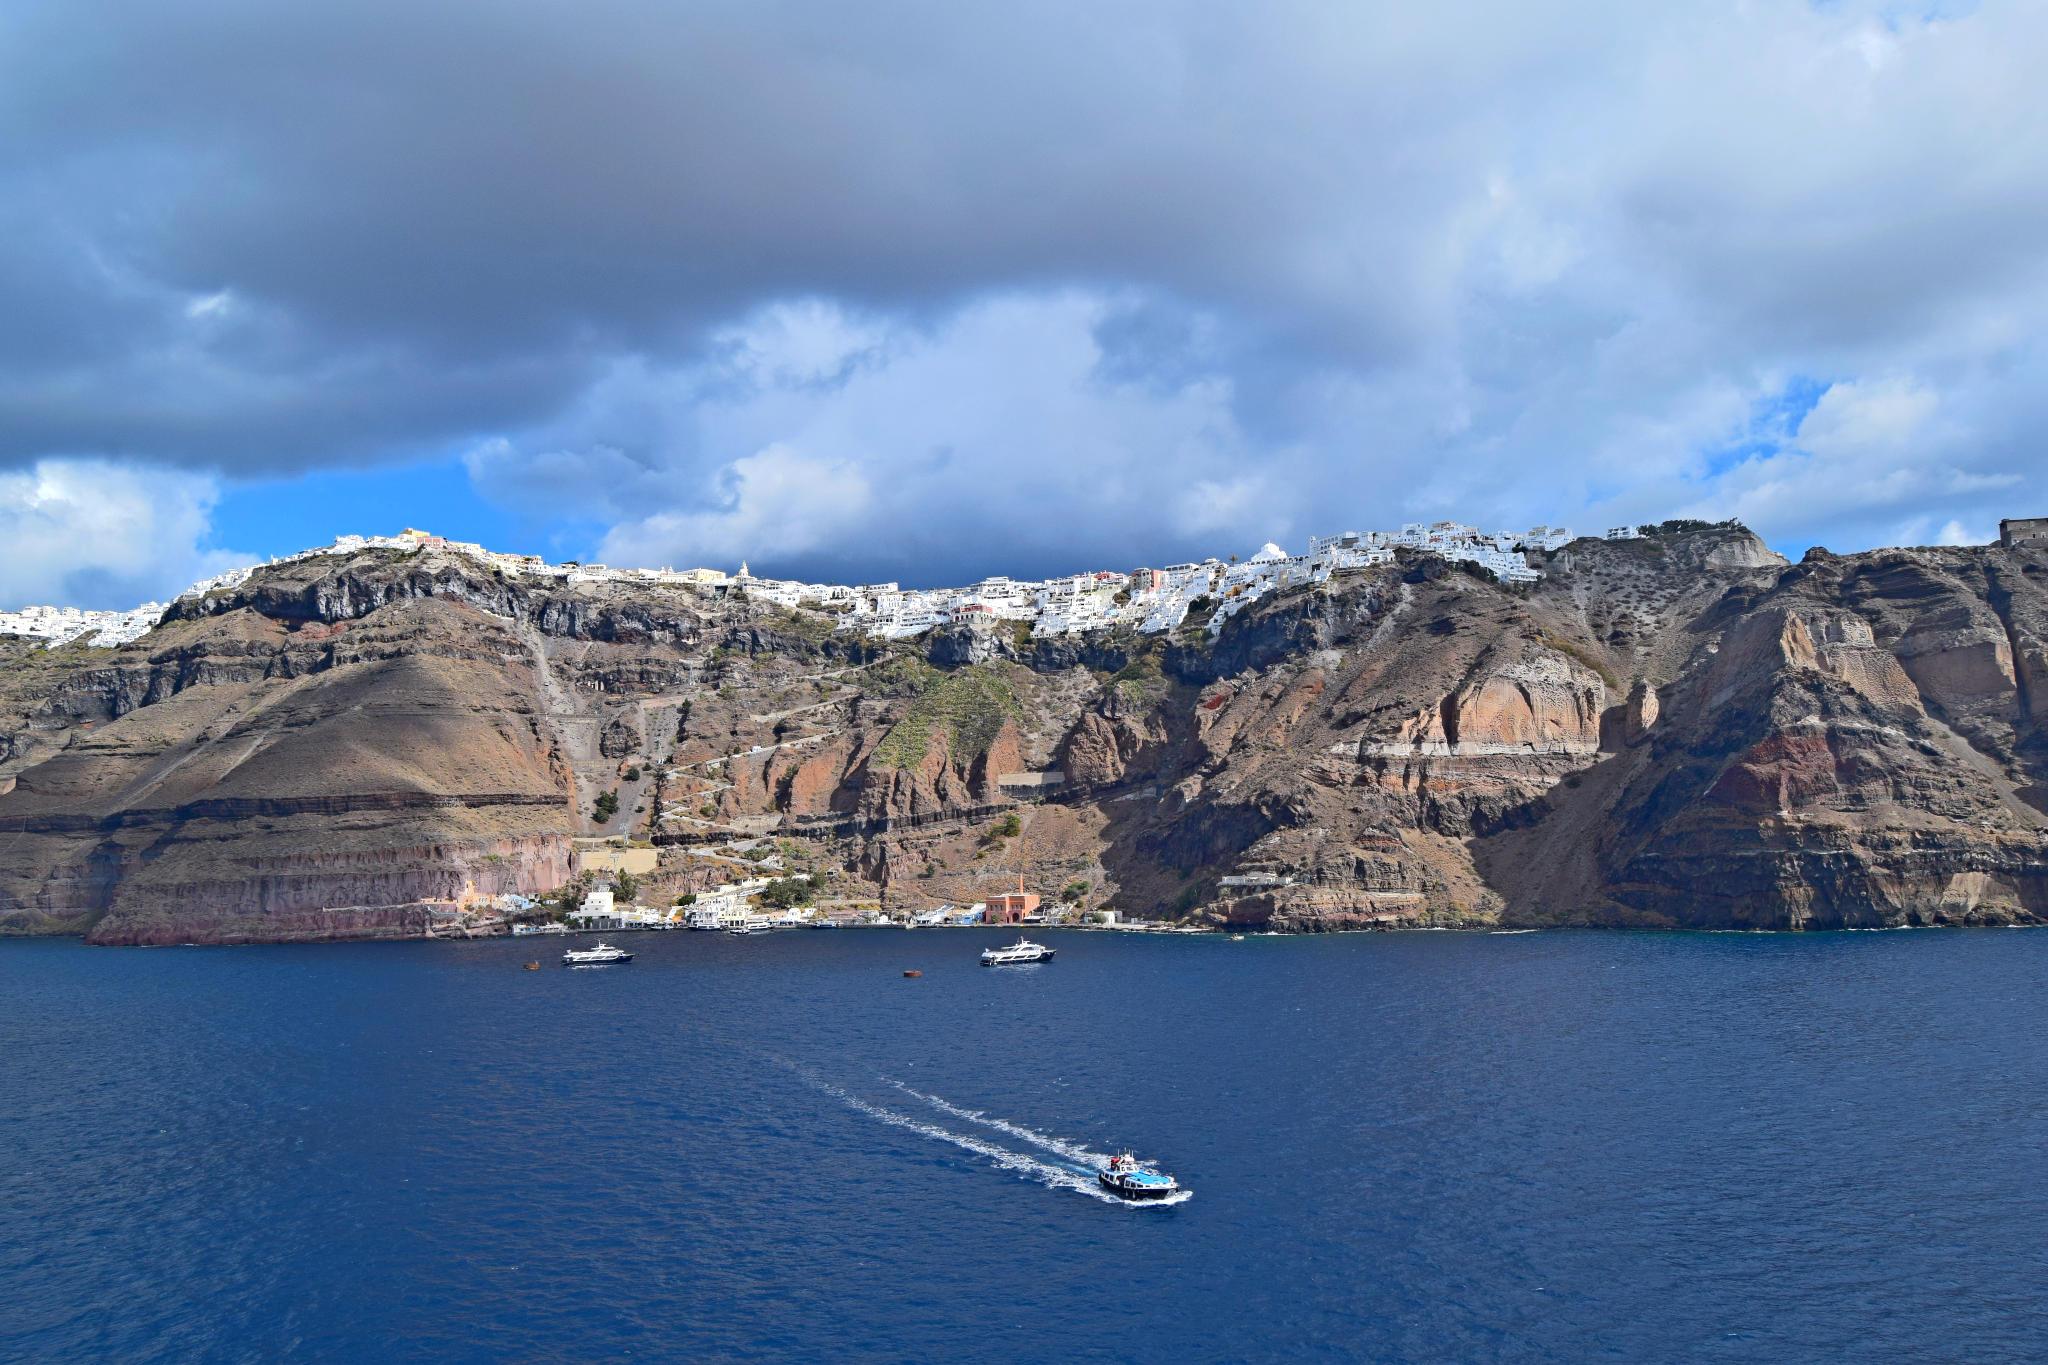 Widok na miasto Fira (stolicę Santorini), zlokalizowane na szczycie klifu oraz port poniżej.